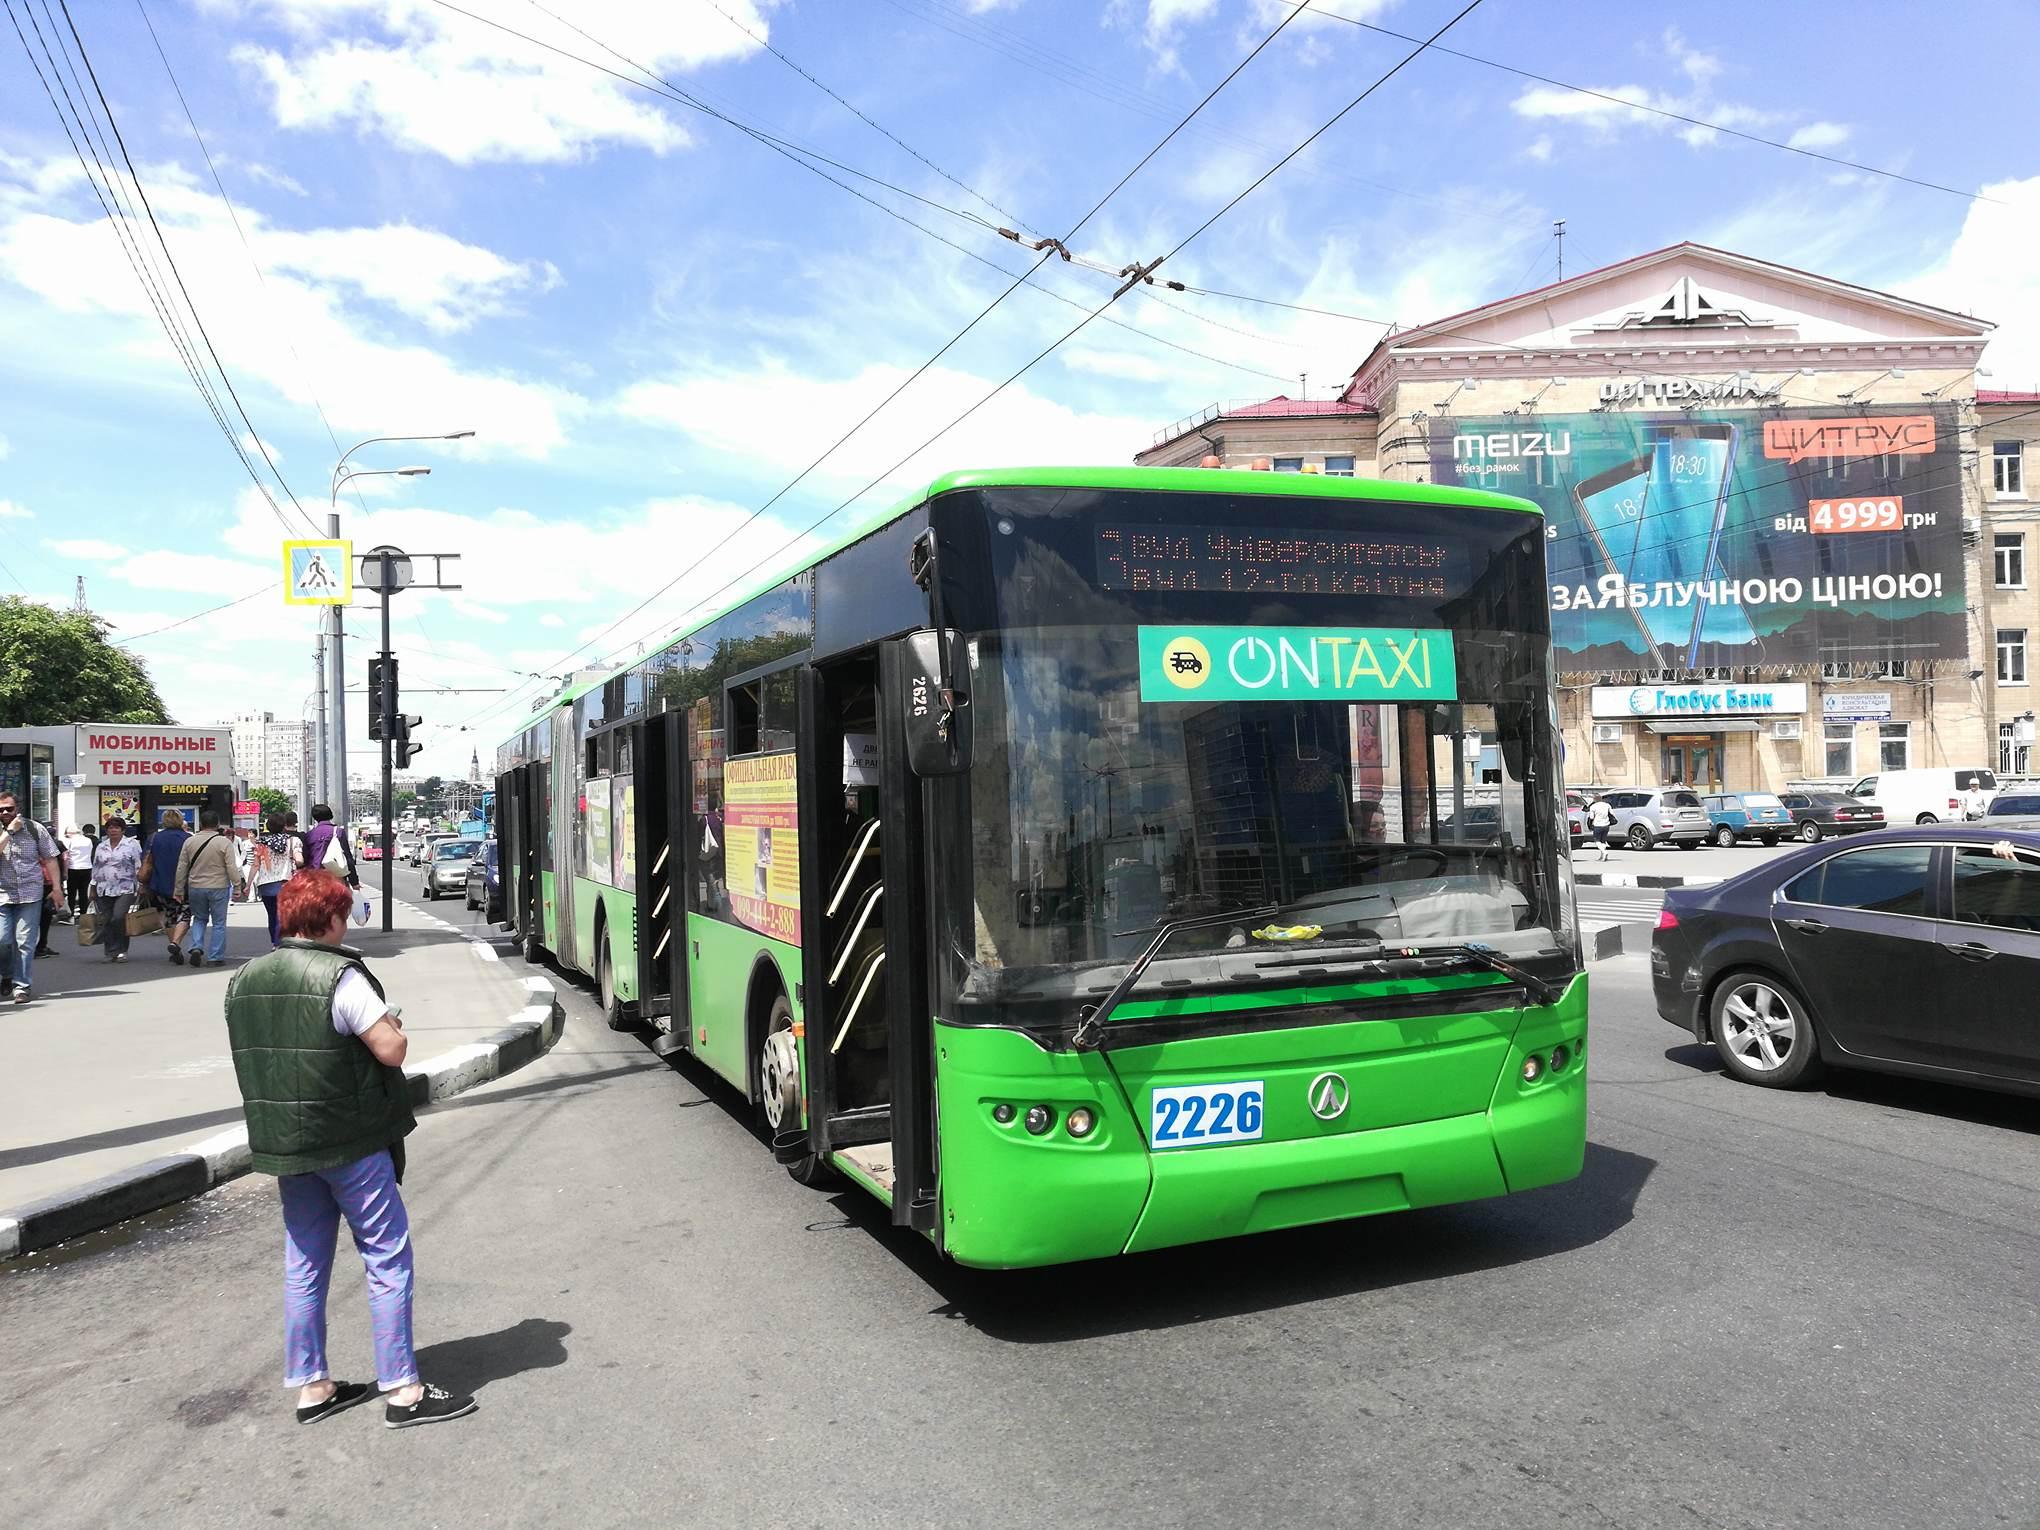 http://gx.net.ua/news_images/1528455064.jpg